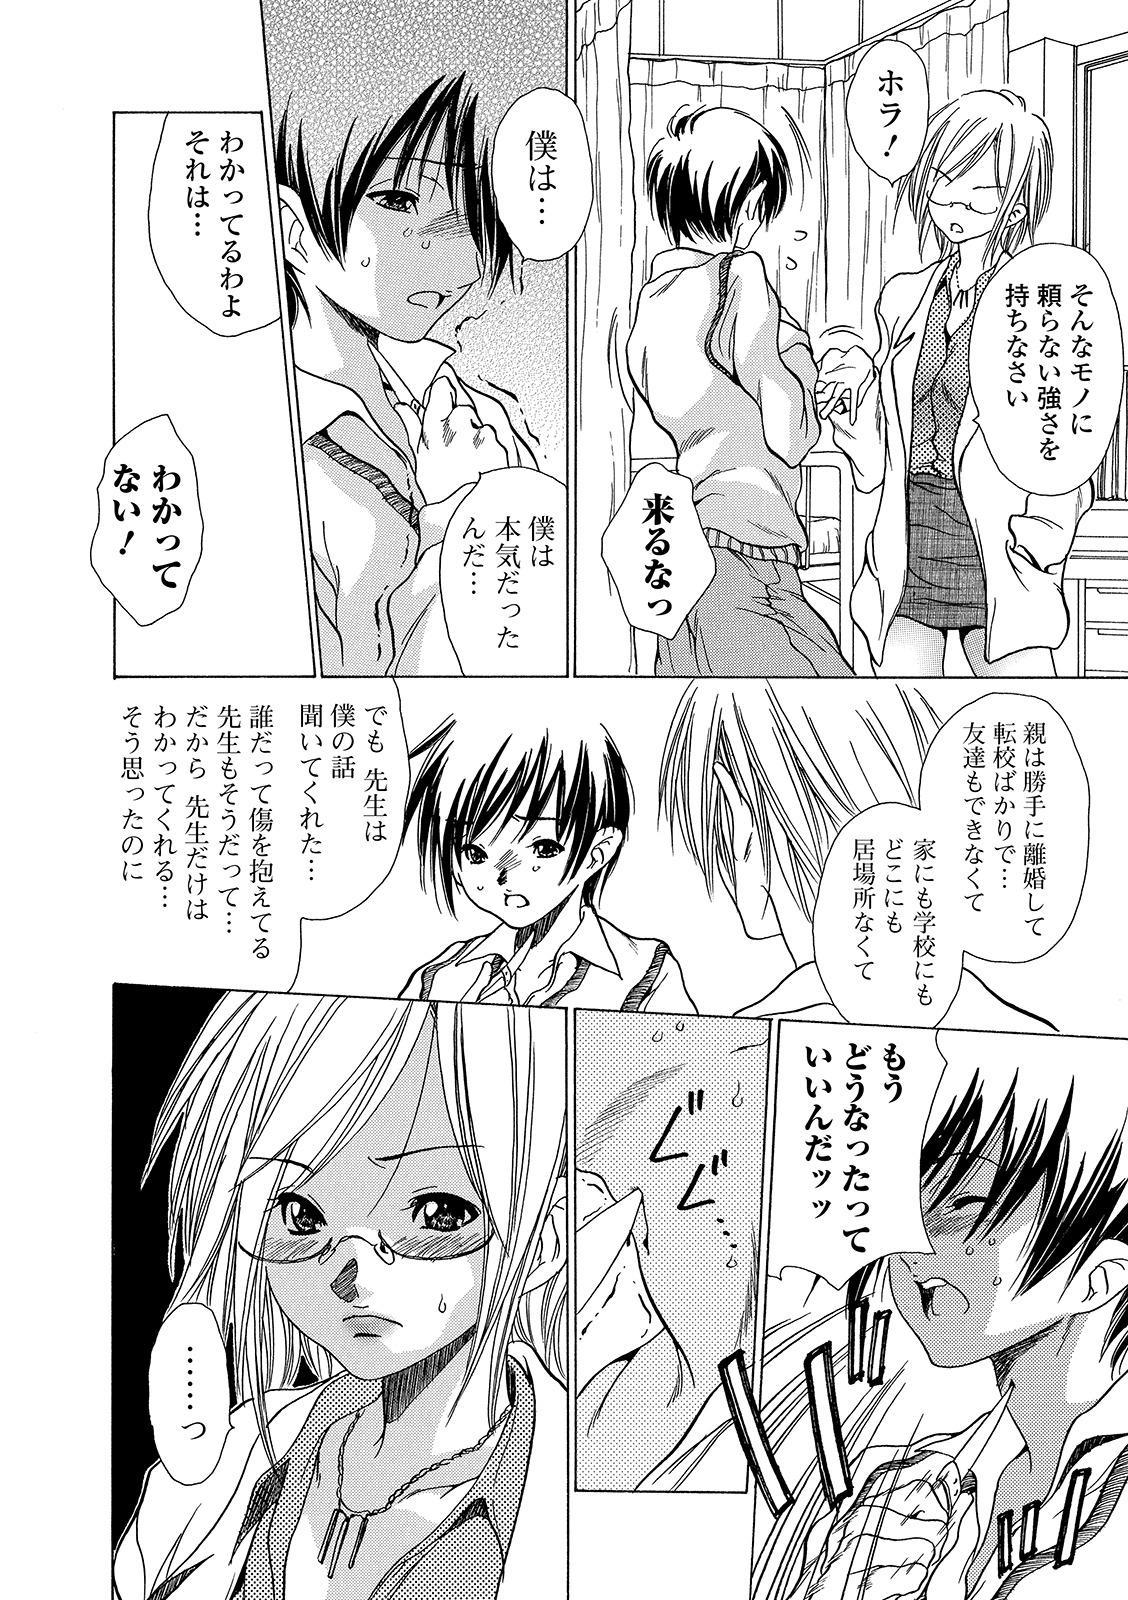 Web Comic Toutetsu Vol. 45 105